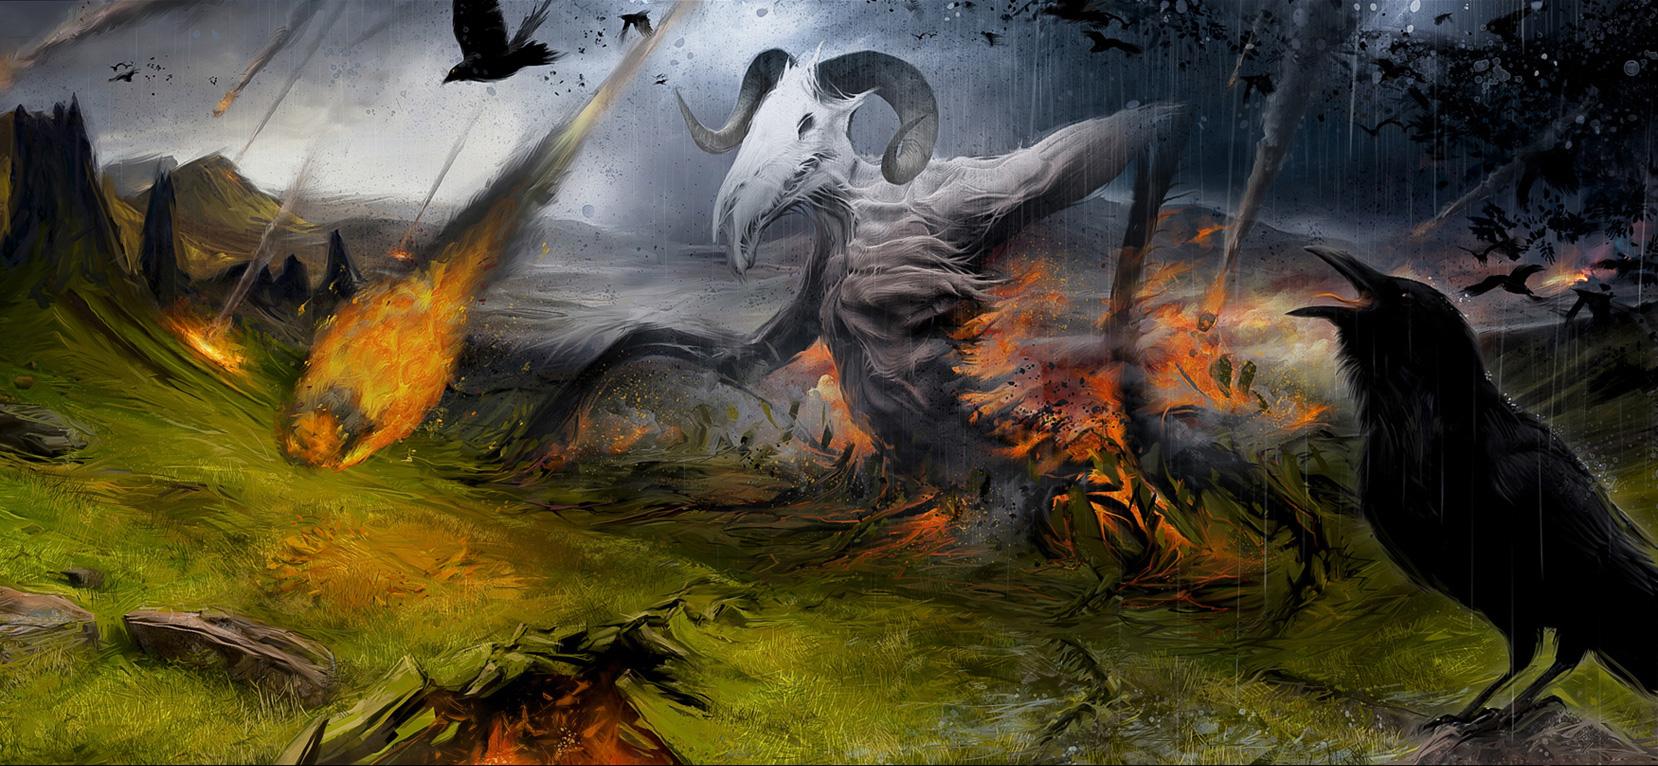 illustration by Yayashin - Dark Fantasy - apocalypse